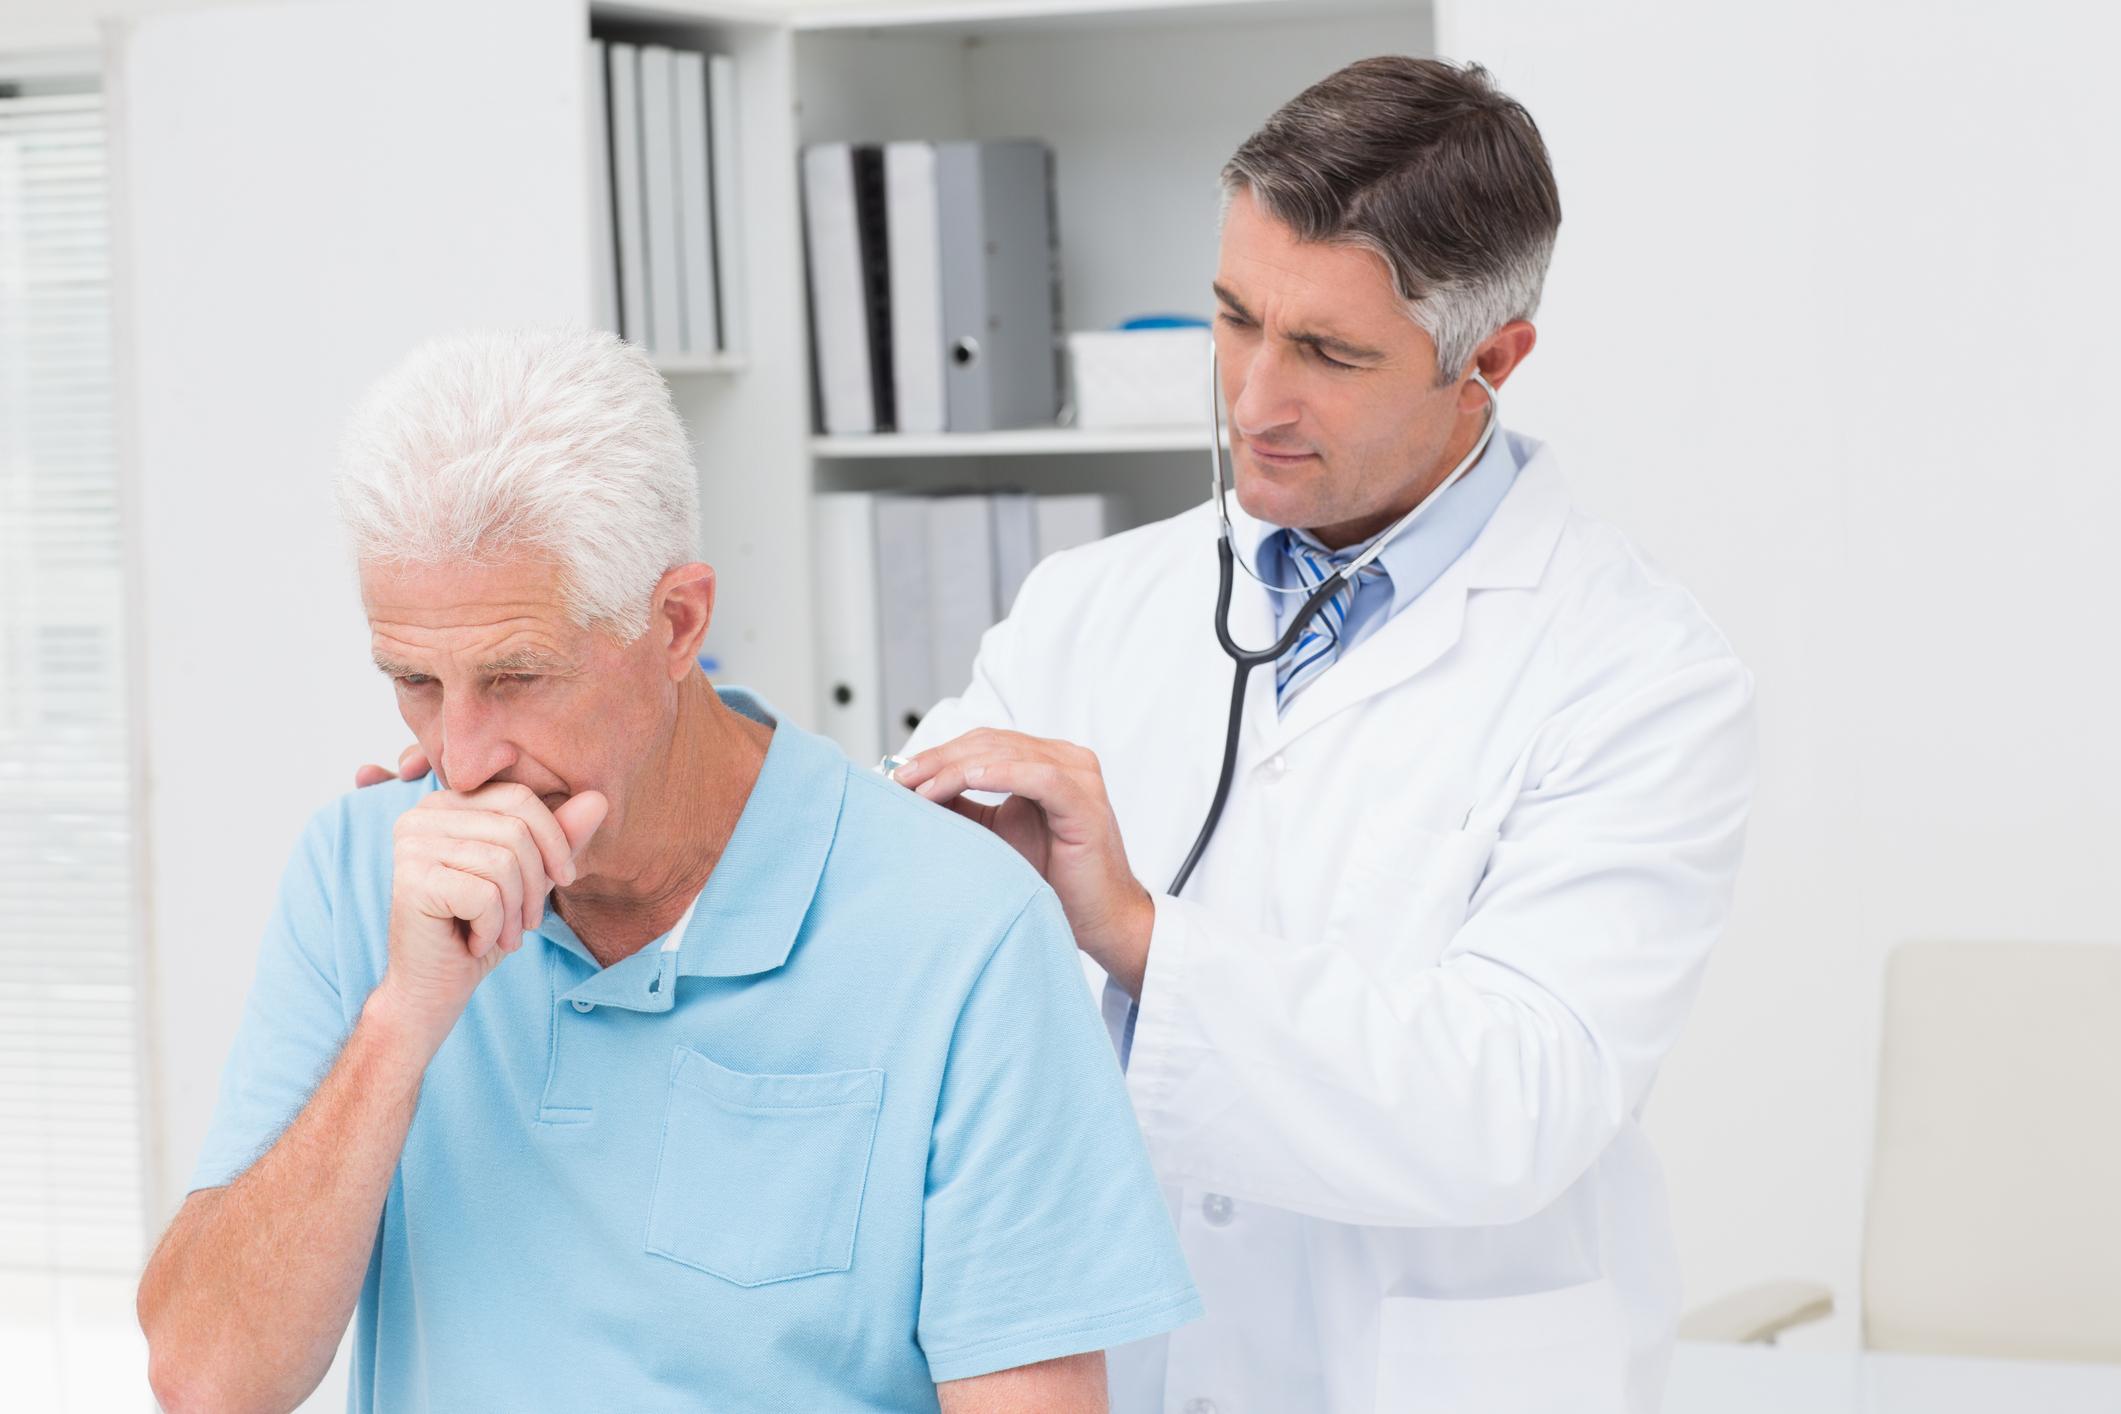 انصباب الجنب الورمي أو انصباب الجنب الخبيث : أسباب , أعراض , تشخيص وعلاج